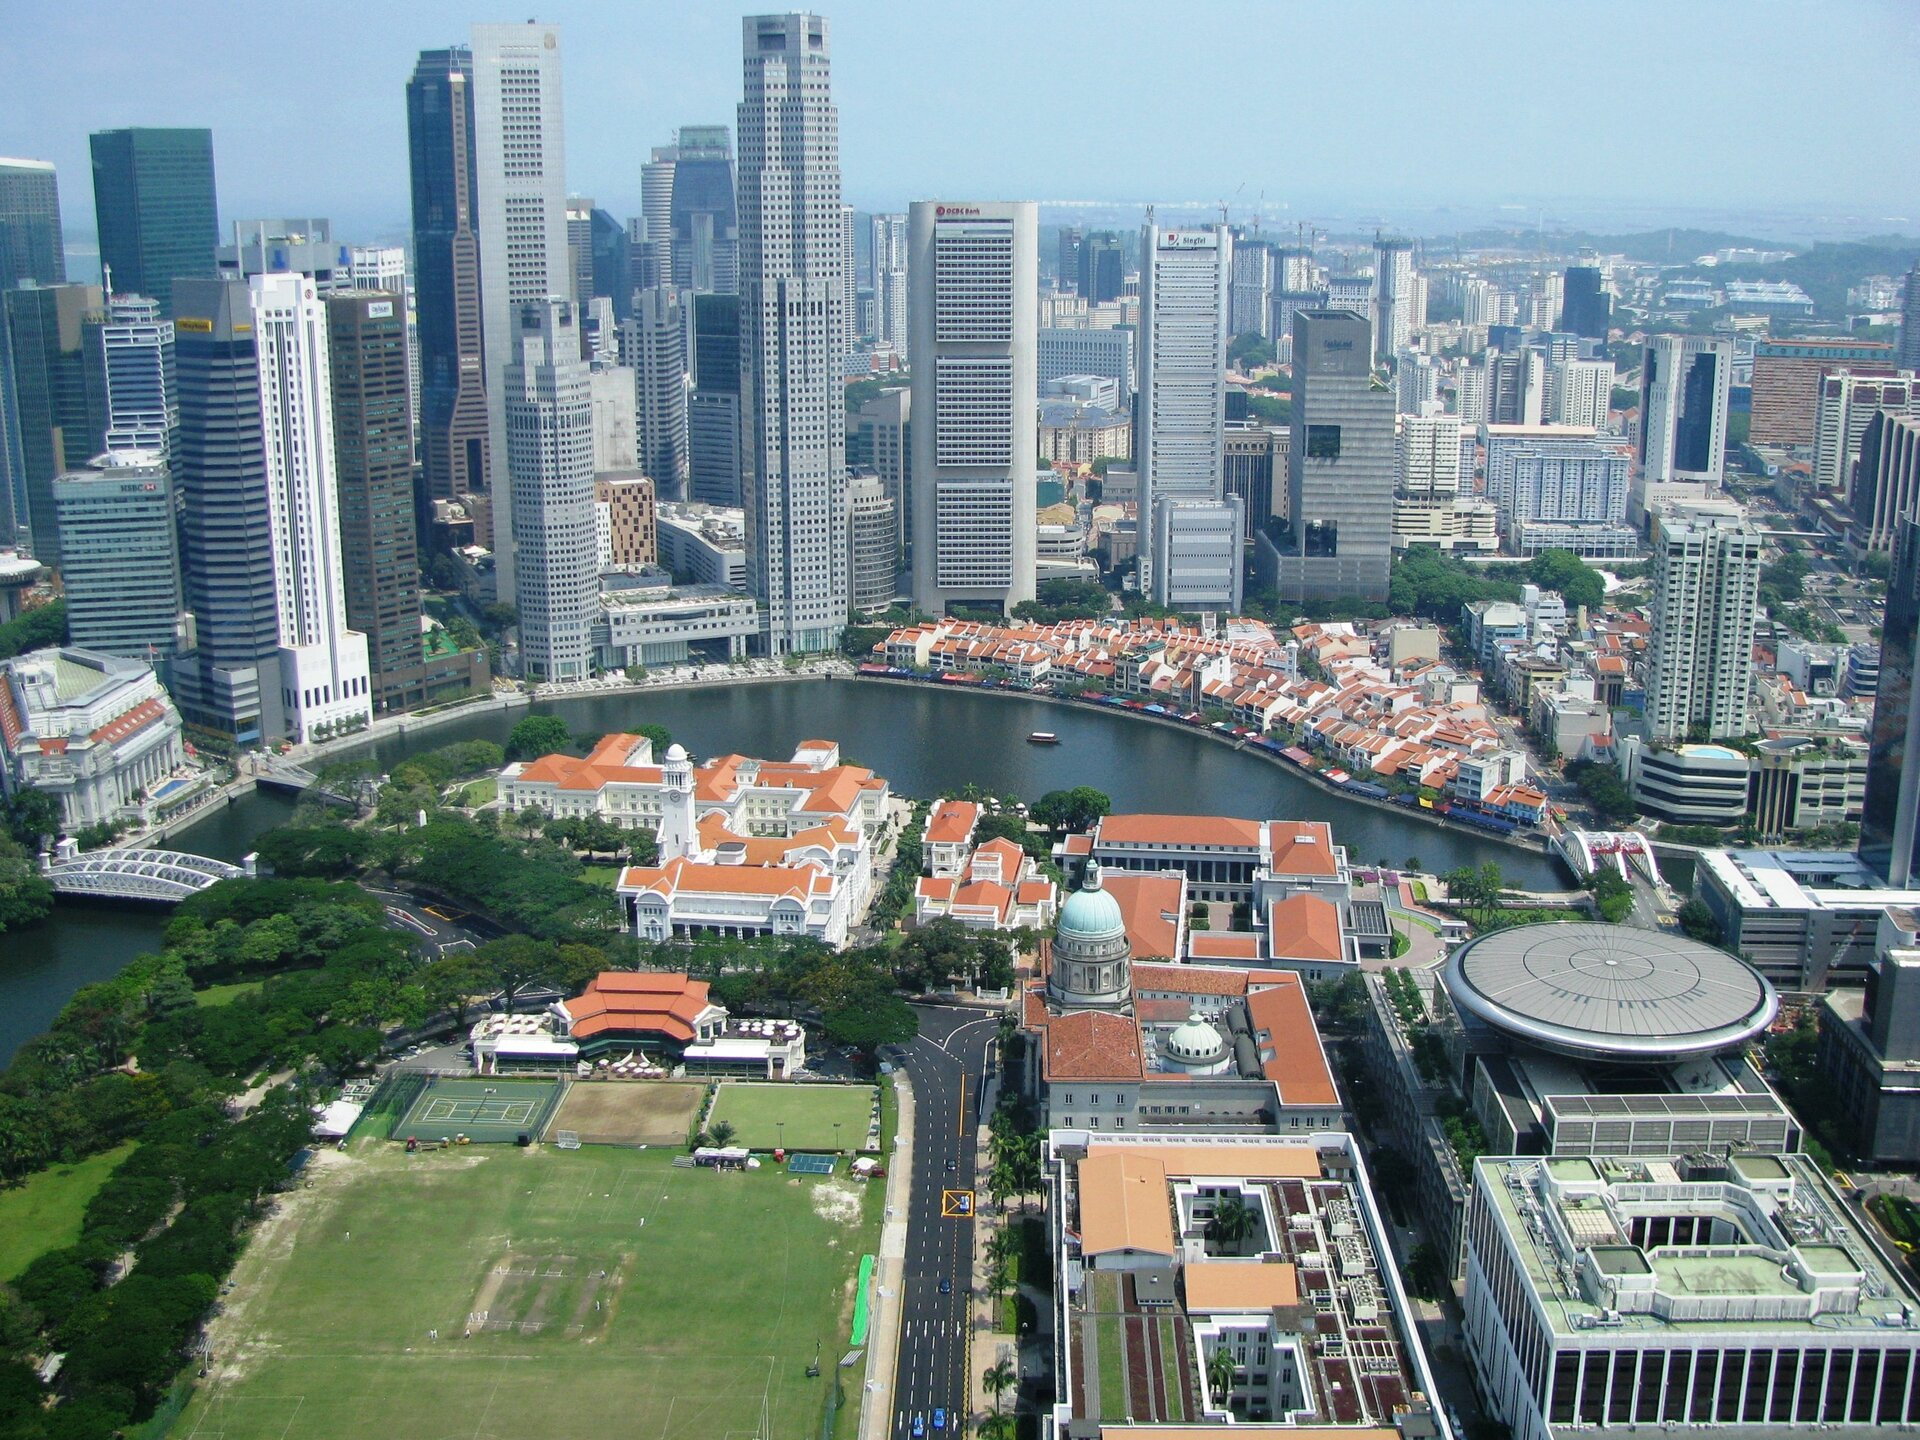 Na zdjęciu nowoczesne centrum biznesowe, wysokie biurowce, obok niska zabudowa, czerwone dachy. Rzeka, most.